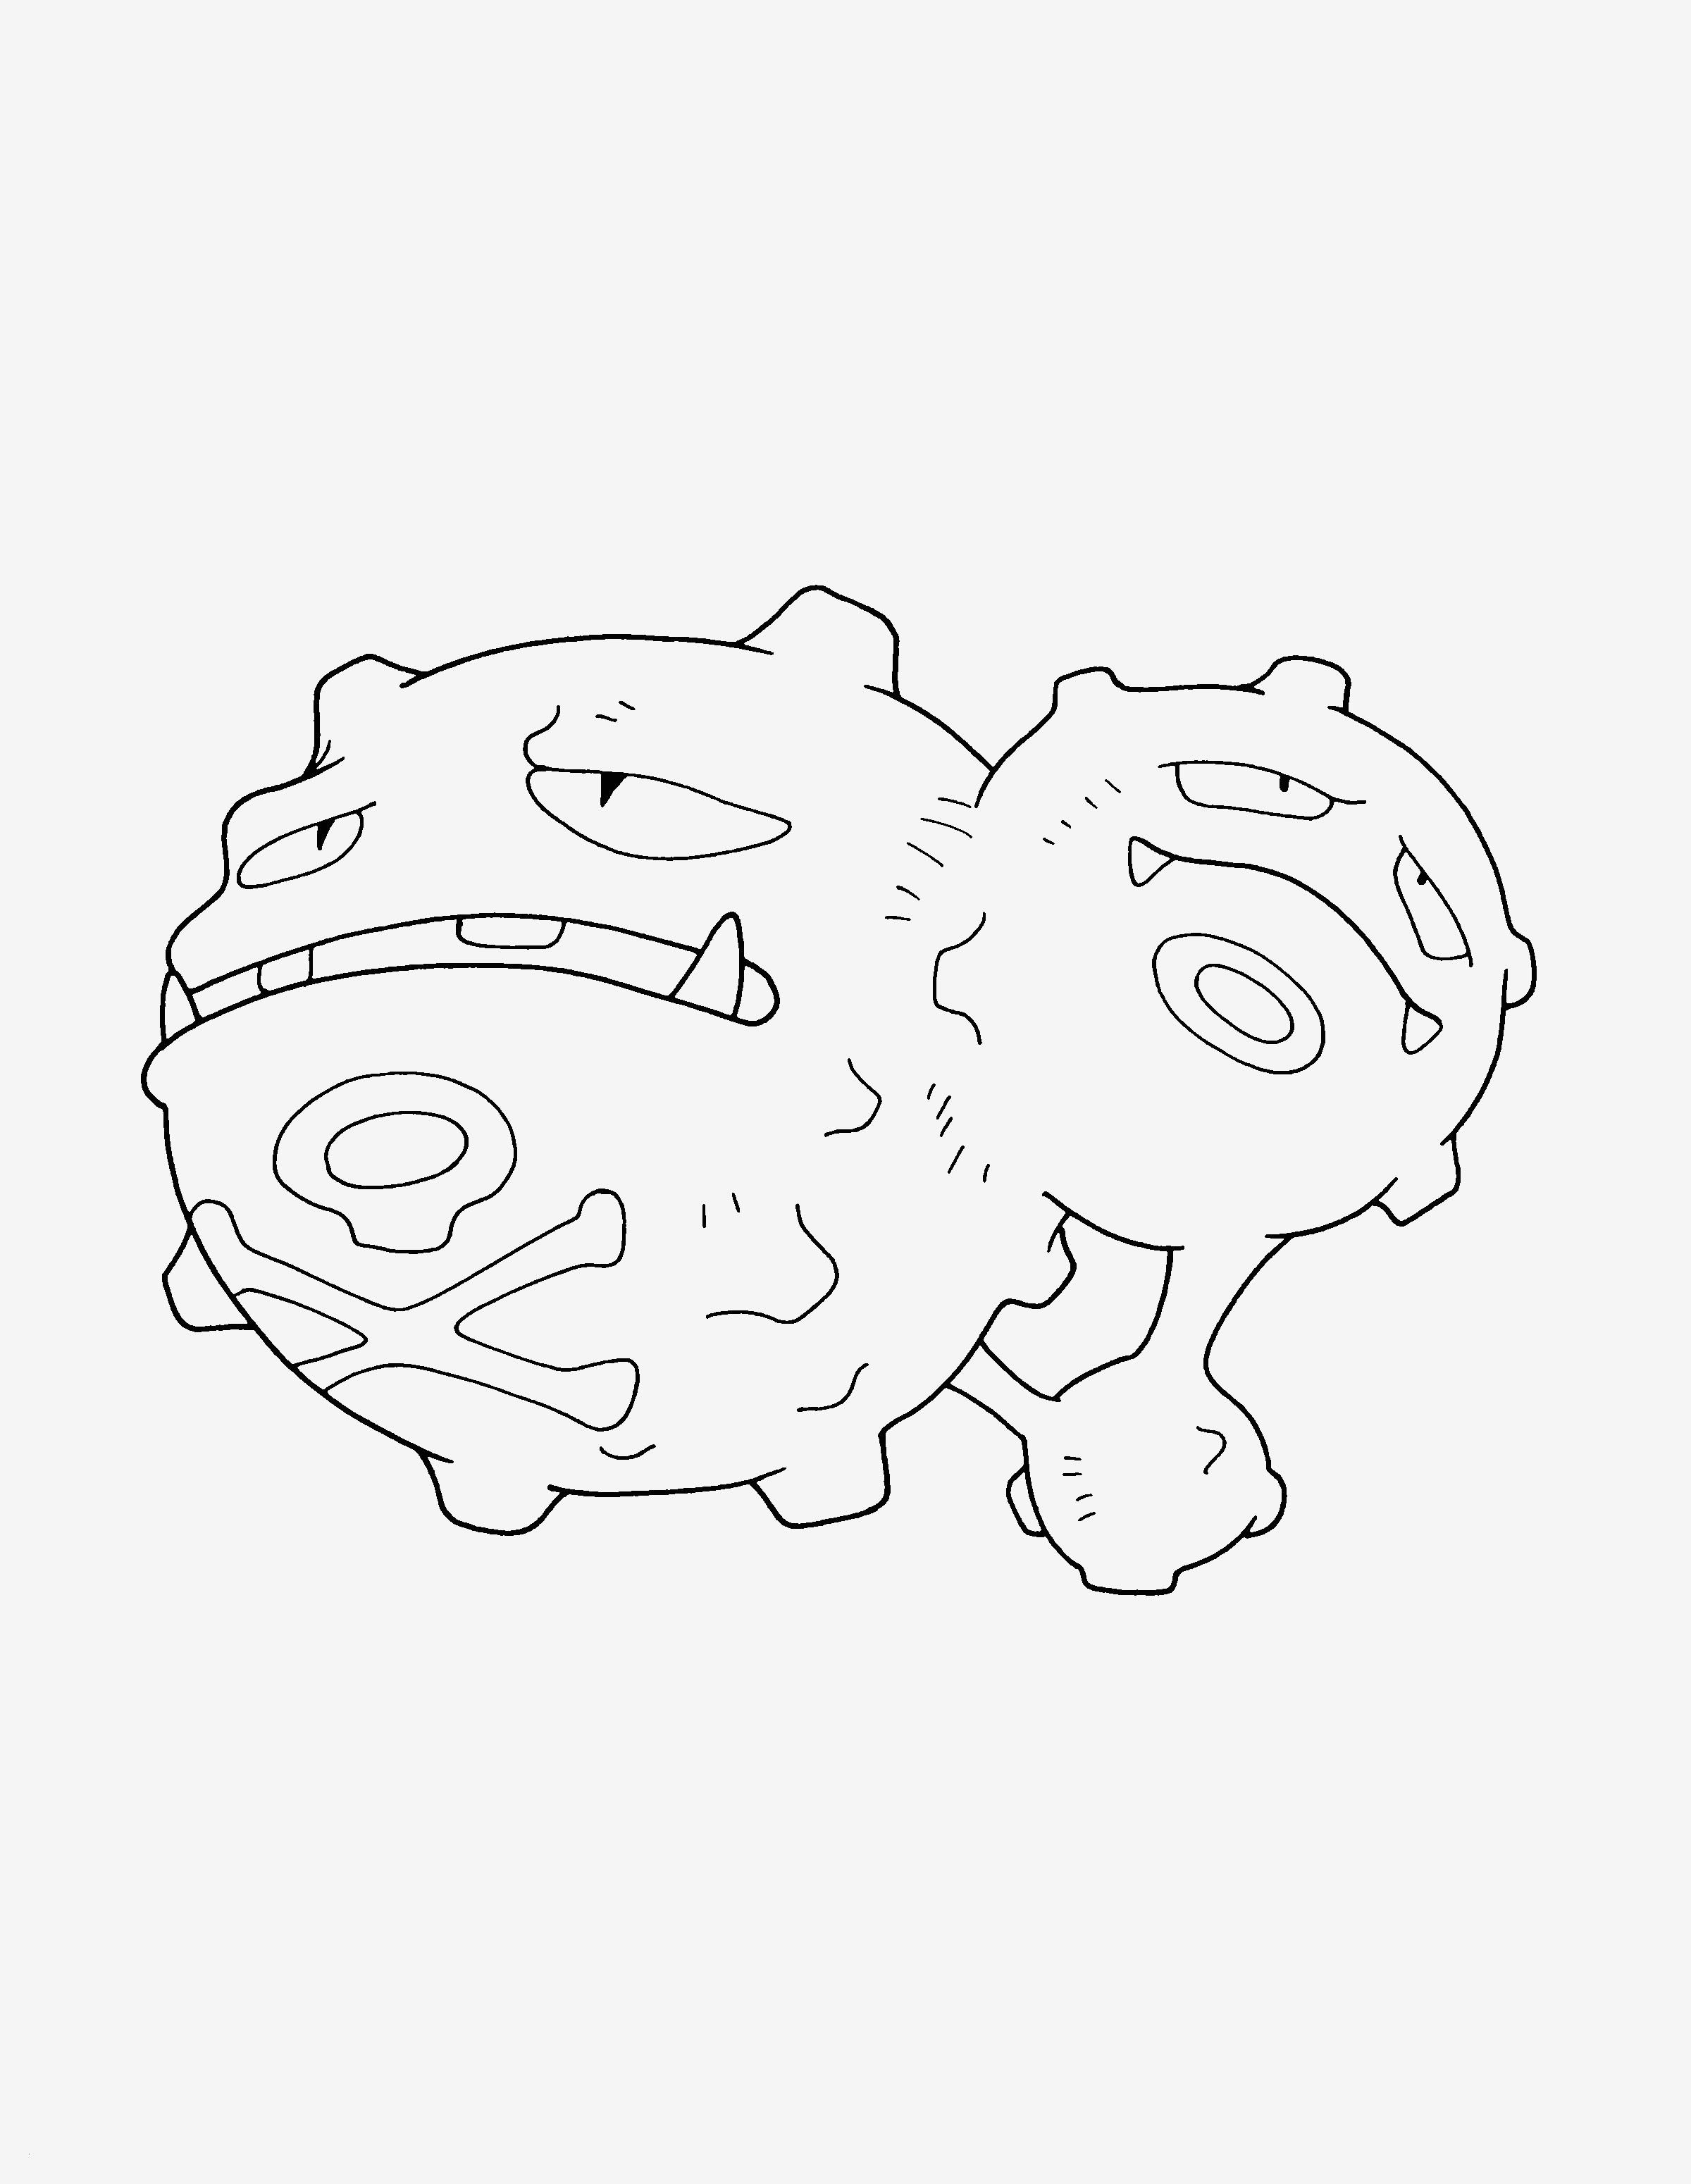 Pokemon Bilder Zum Ausmalen Inspirierend Zeichnen Von Bildern Zum Ausmalen Faszinierend Verschiedene Bilder Sammlung